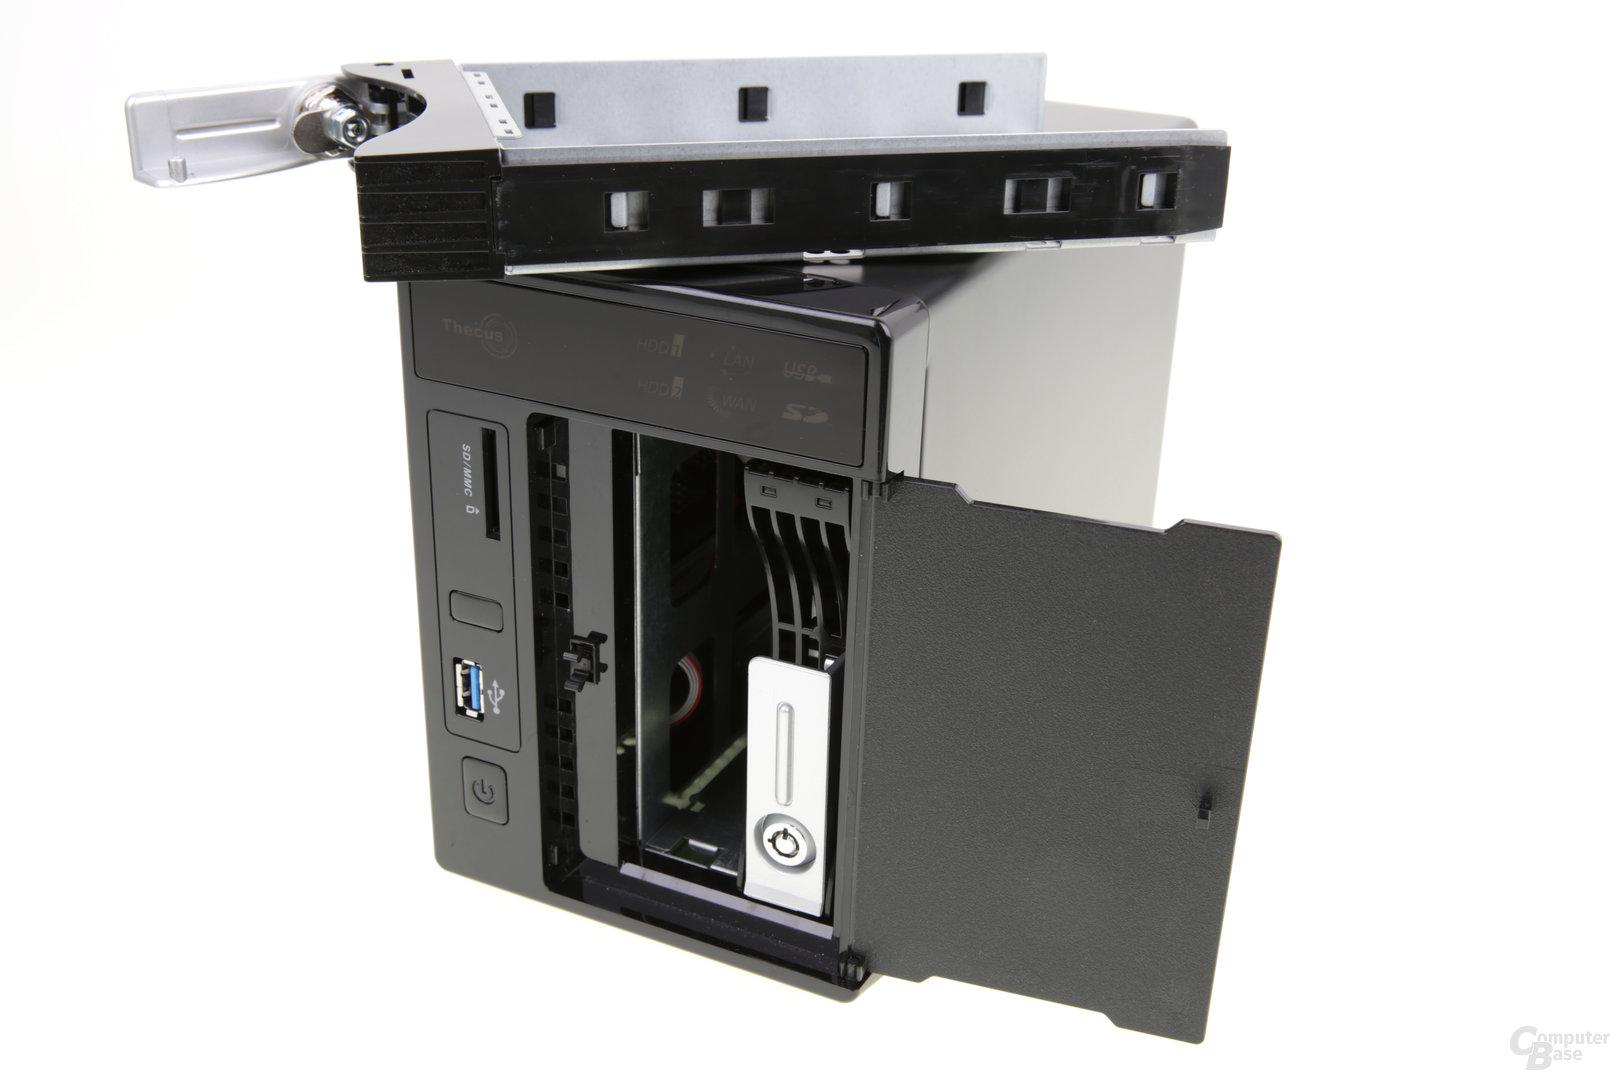 Thecus W2000+ – Die Festplatteneinschübe lassen sich leicht entfernen